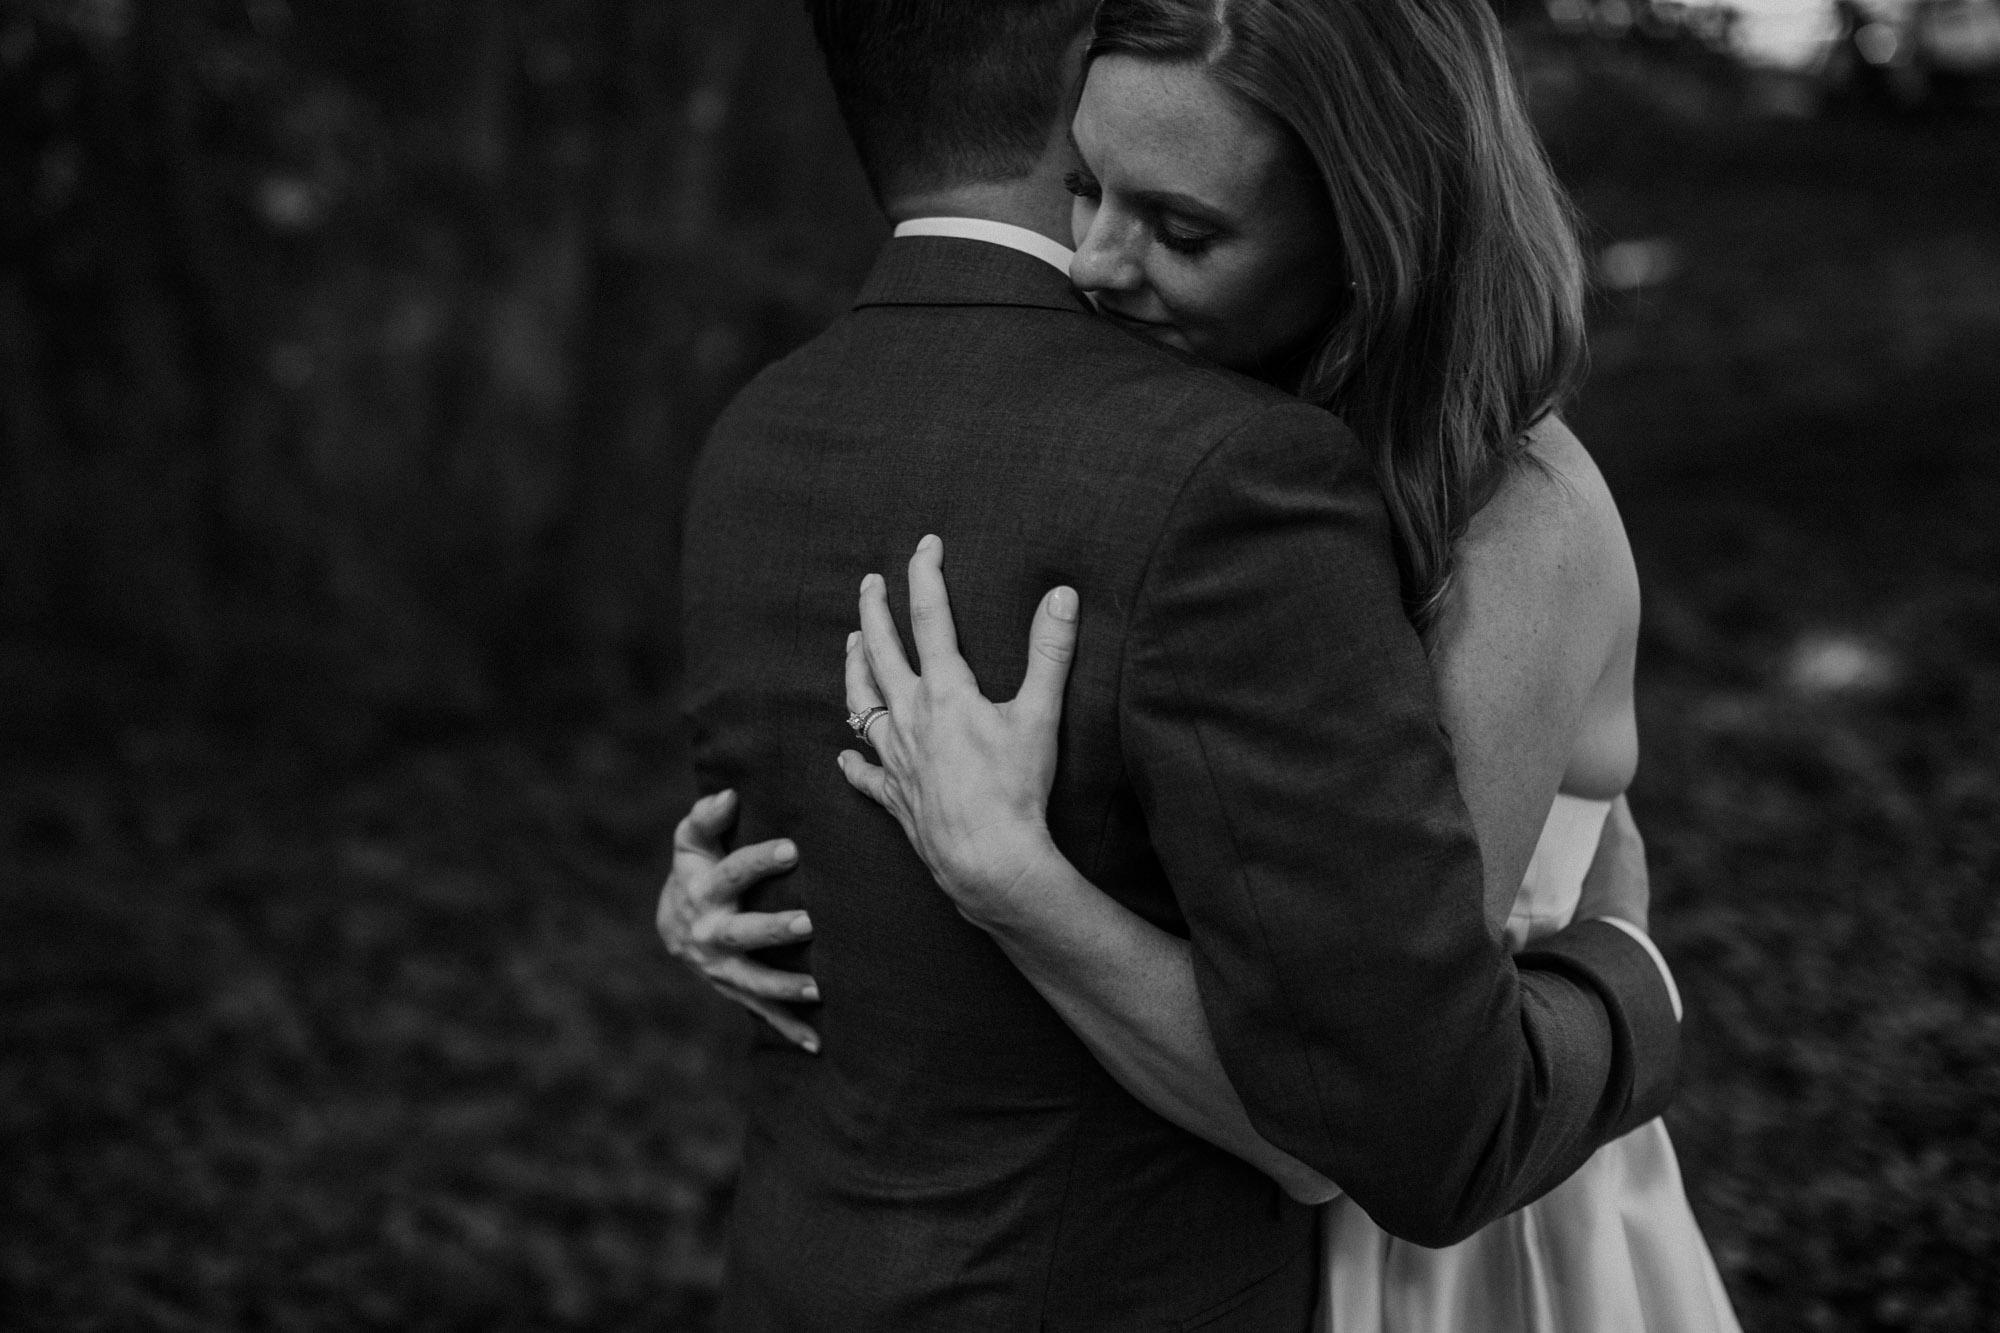 elmwood-park-wedding-photographer-nicole-jon-26.jpg